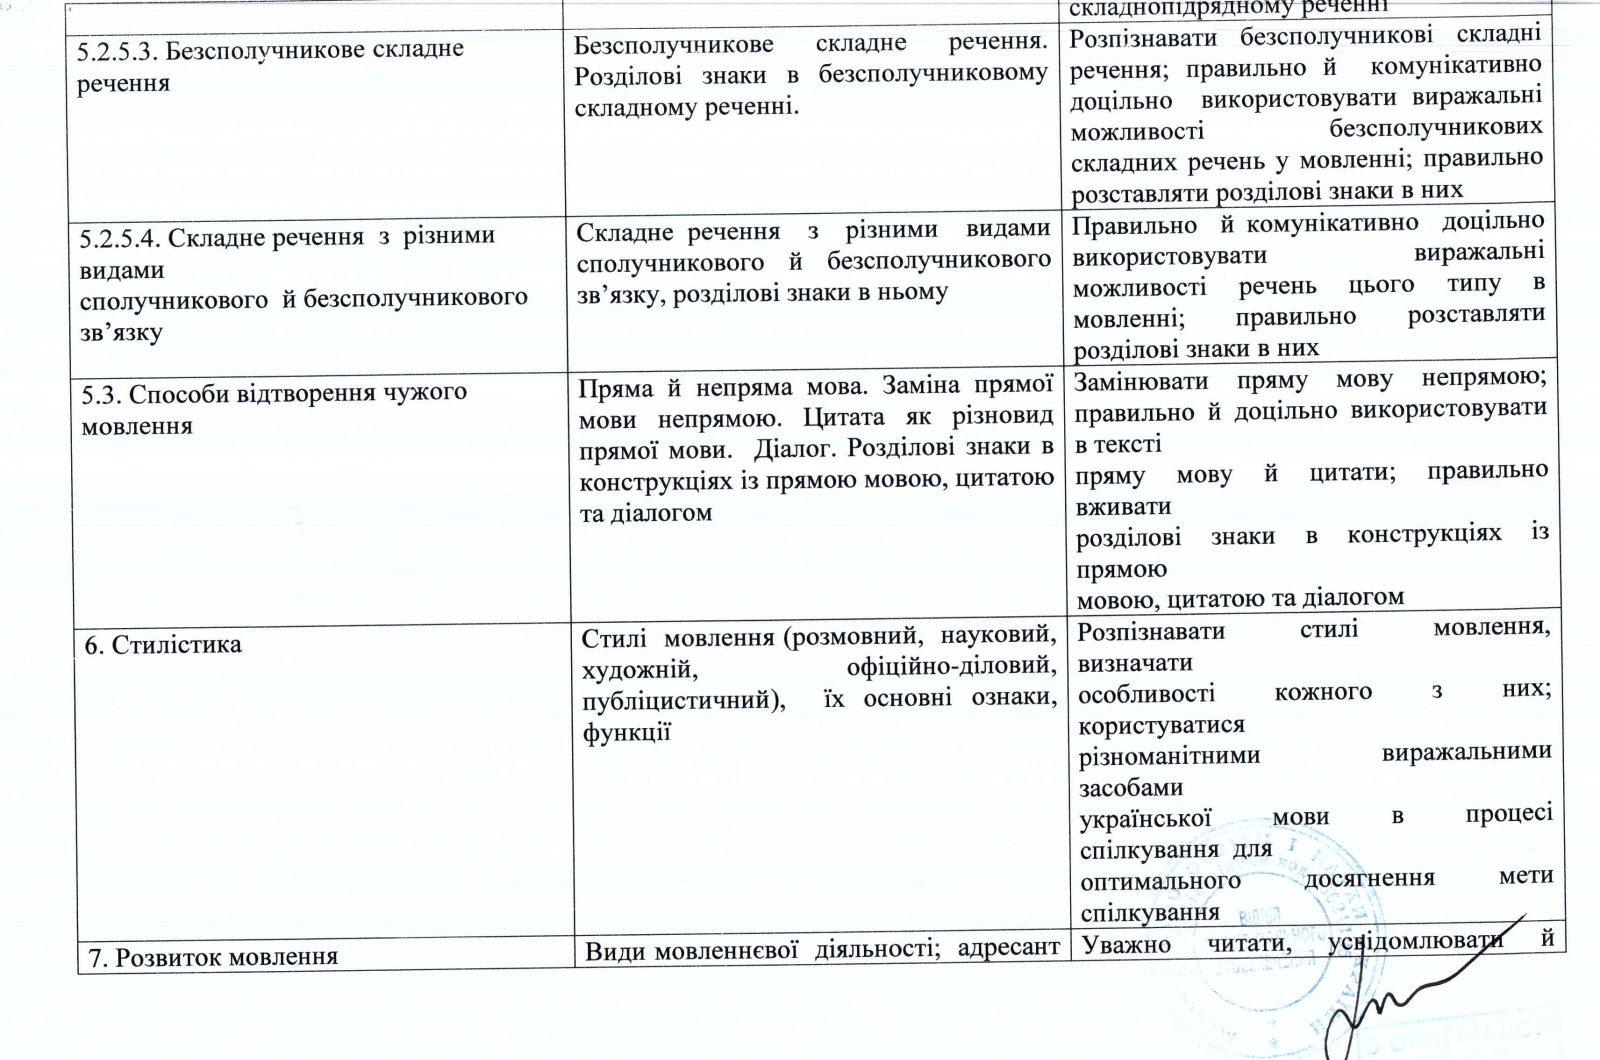 ukr (9)